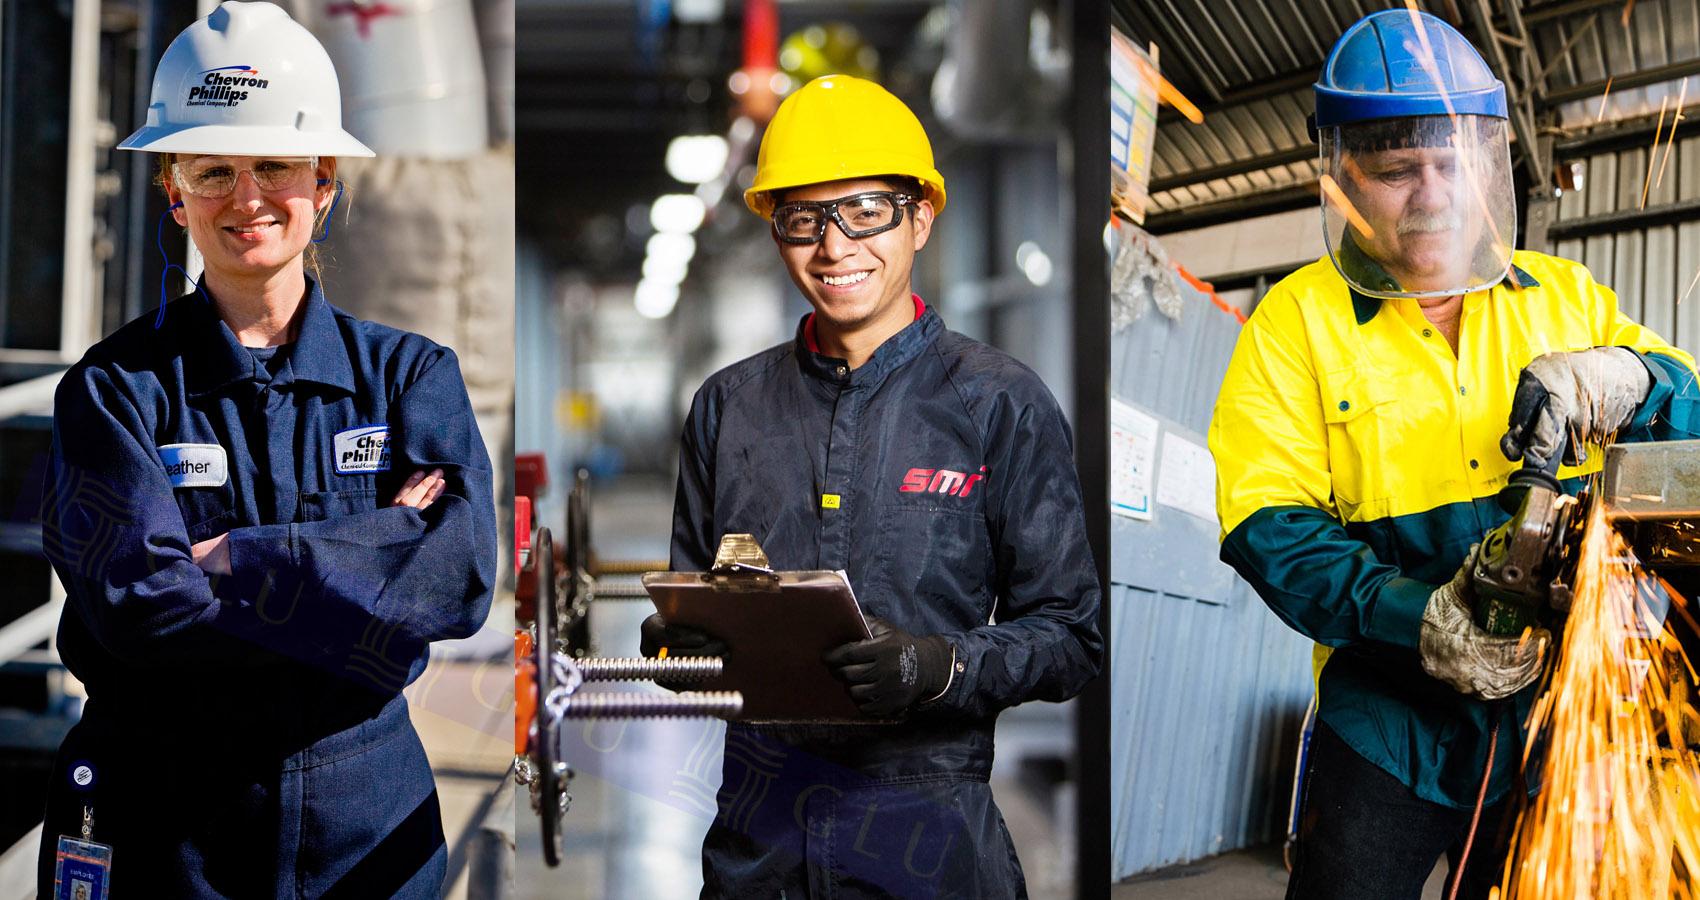 Đồng phục bảo hộ lao động để giảm thiểu tối đa tai nạn lao động